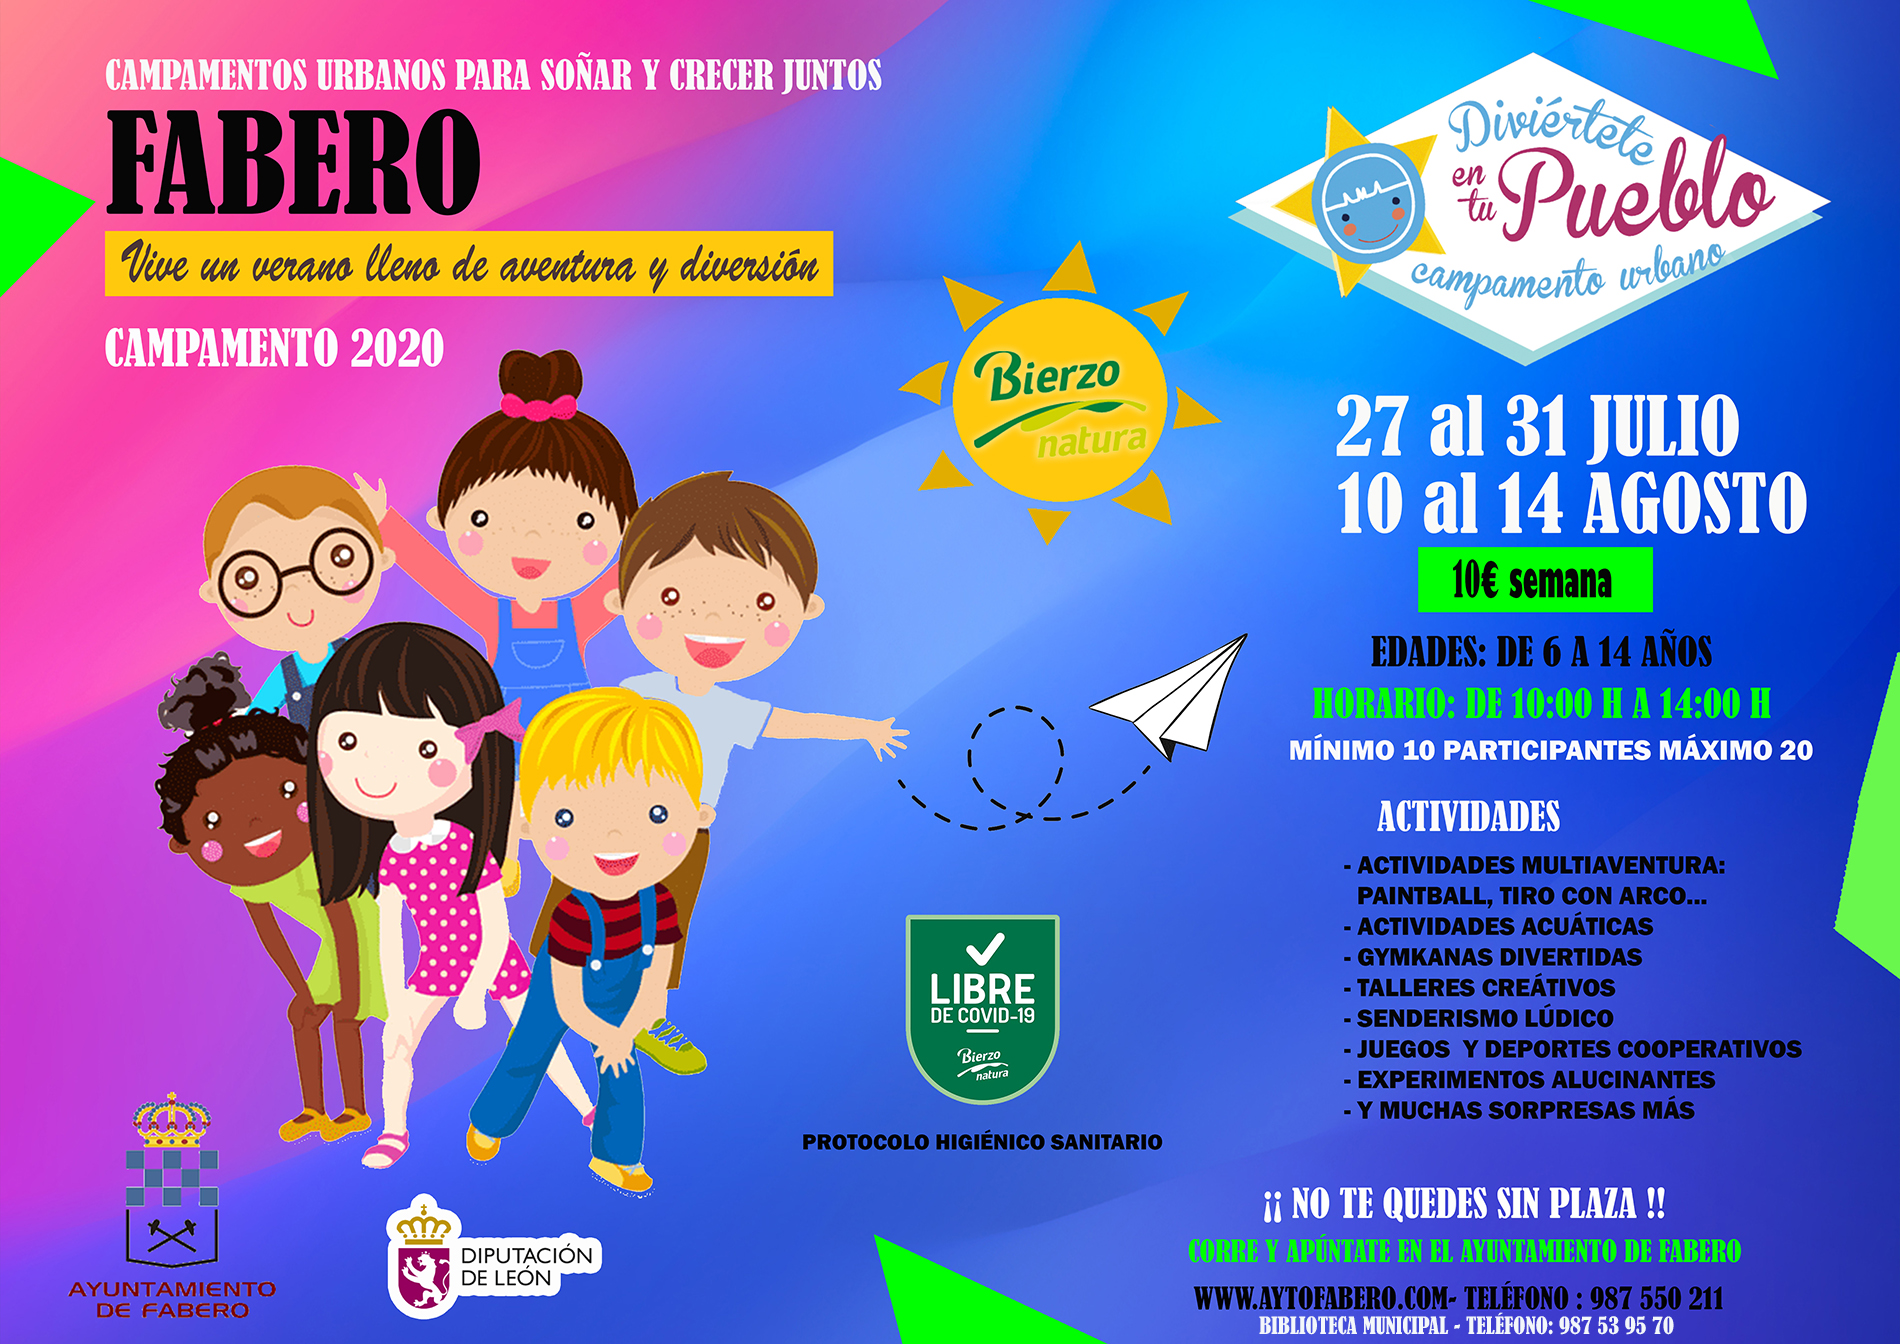 Campamento Urbano para Soñar y Crecer Juntos FABERO 2020 1